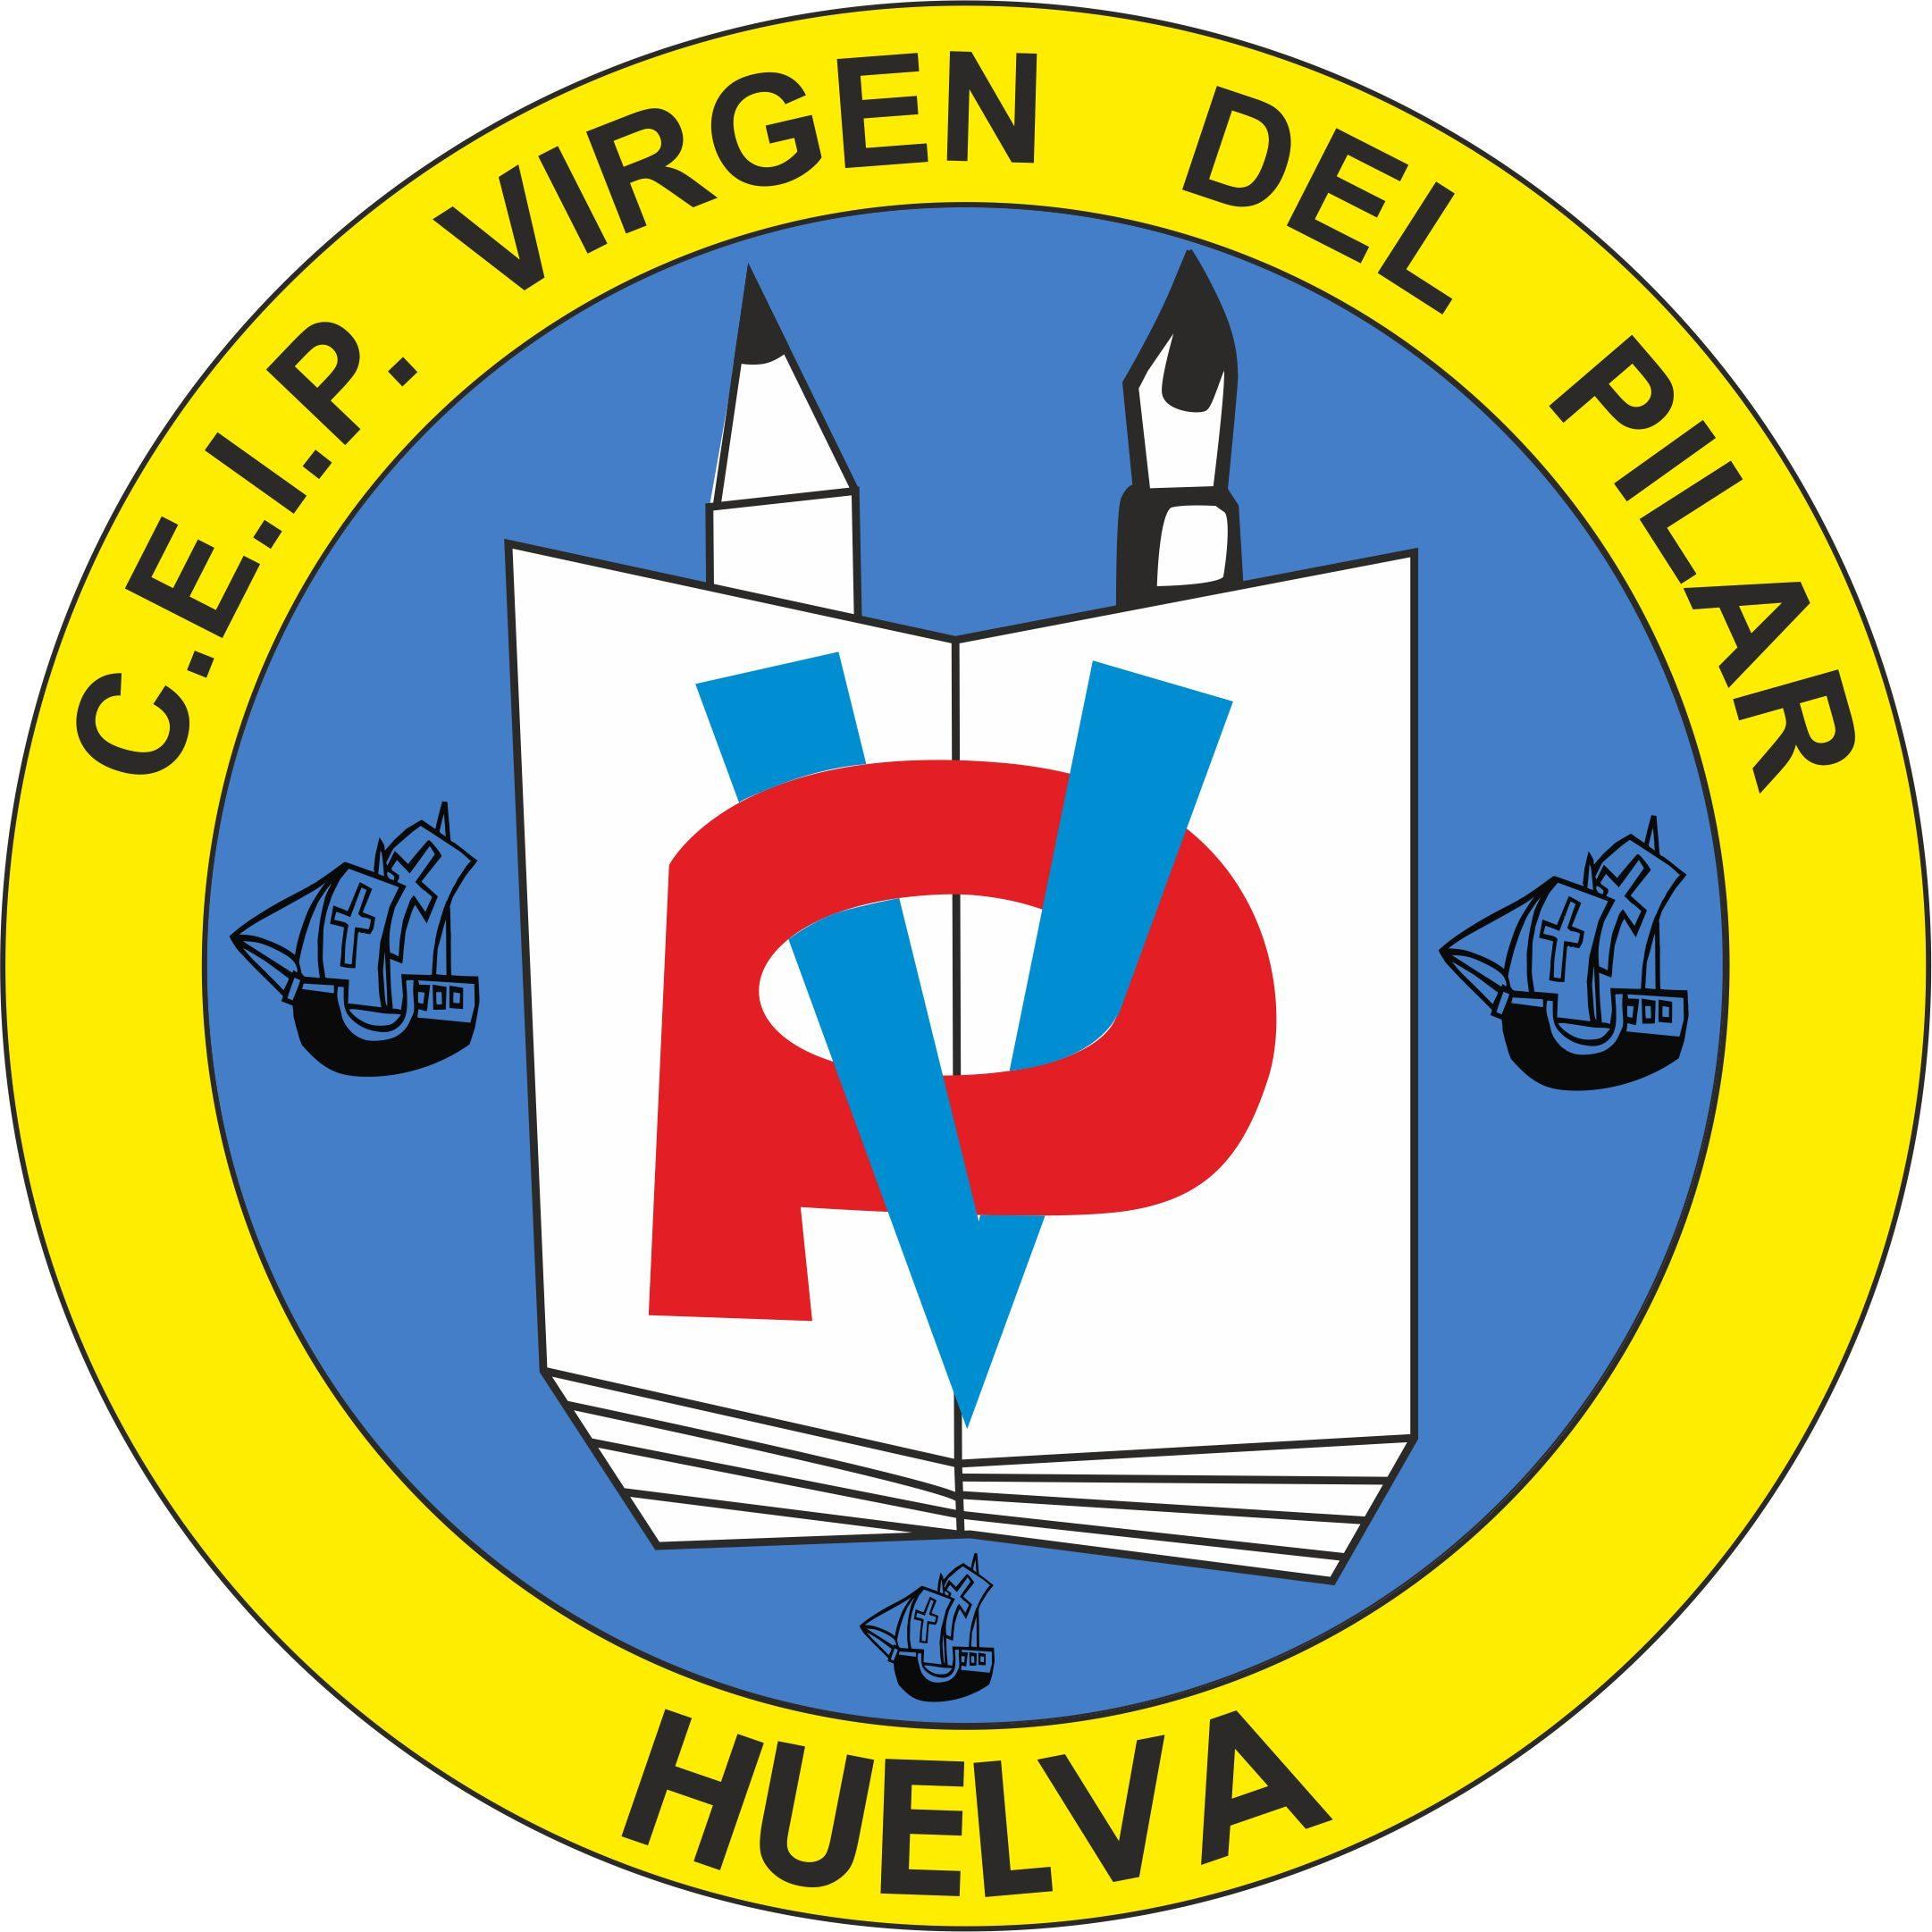 CEIP Virgen del Pilar